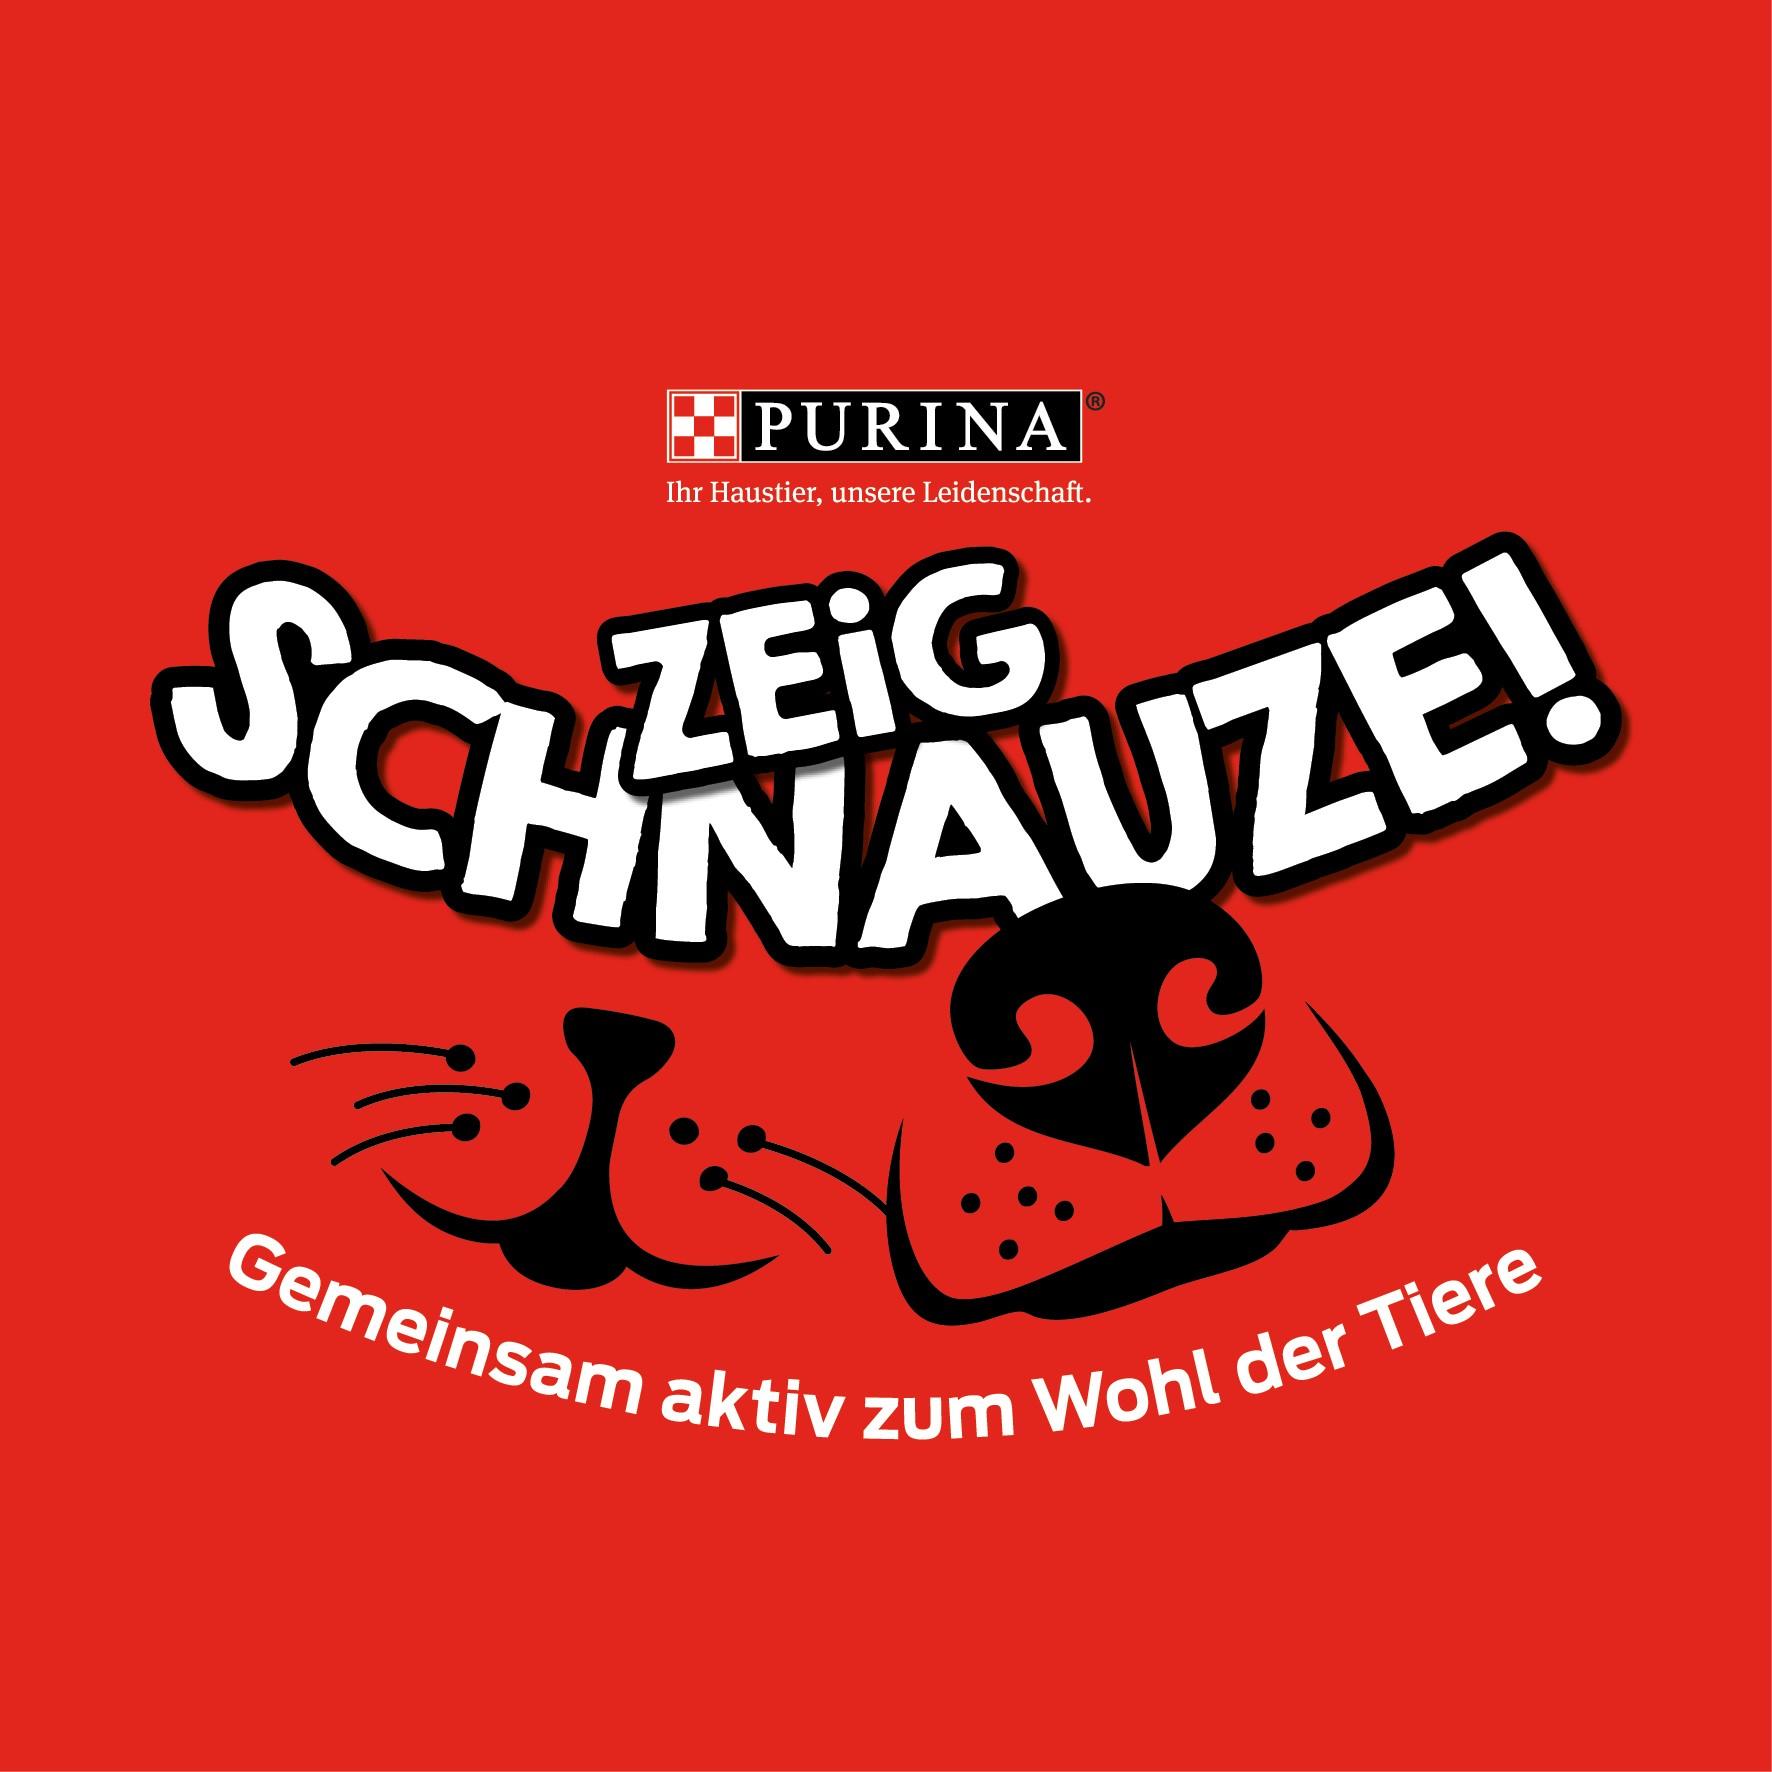 zs-logo-purina-rot